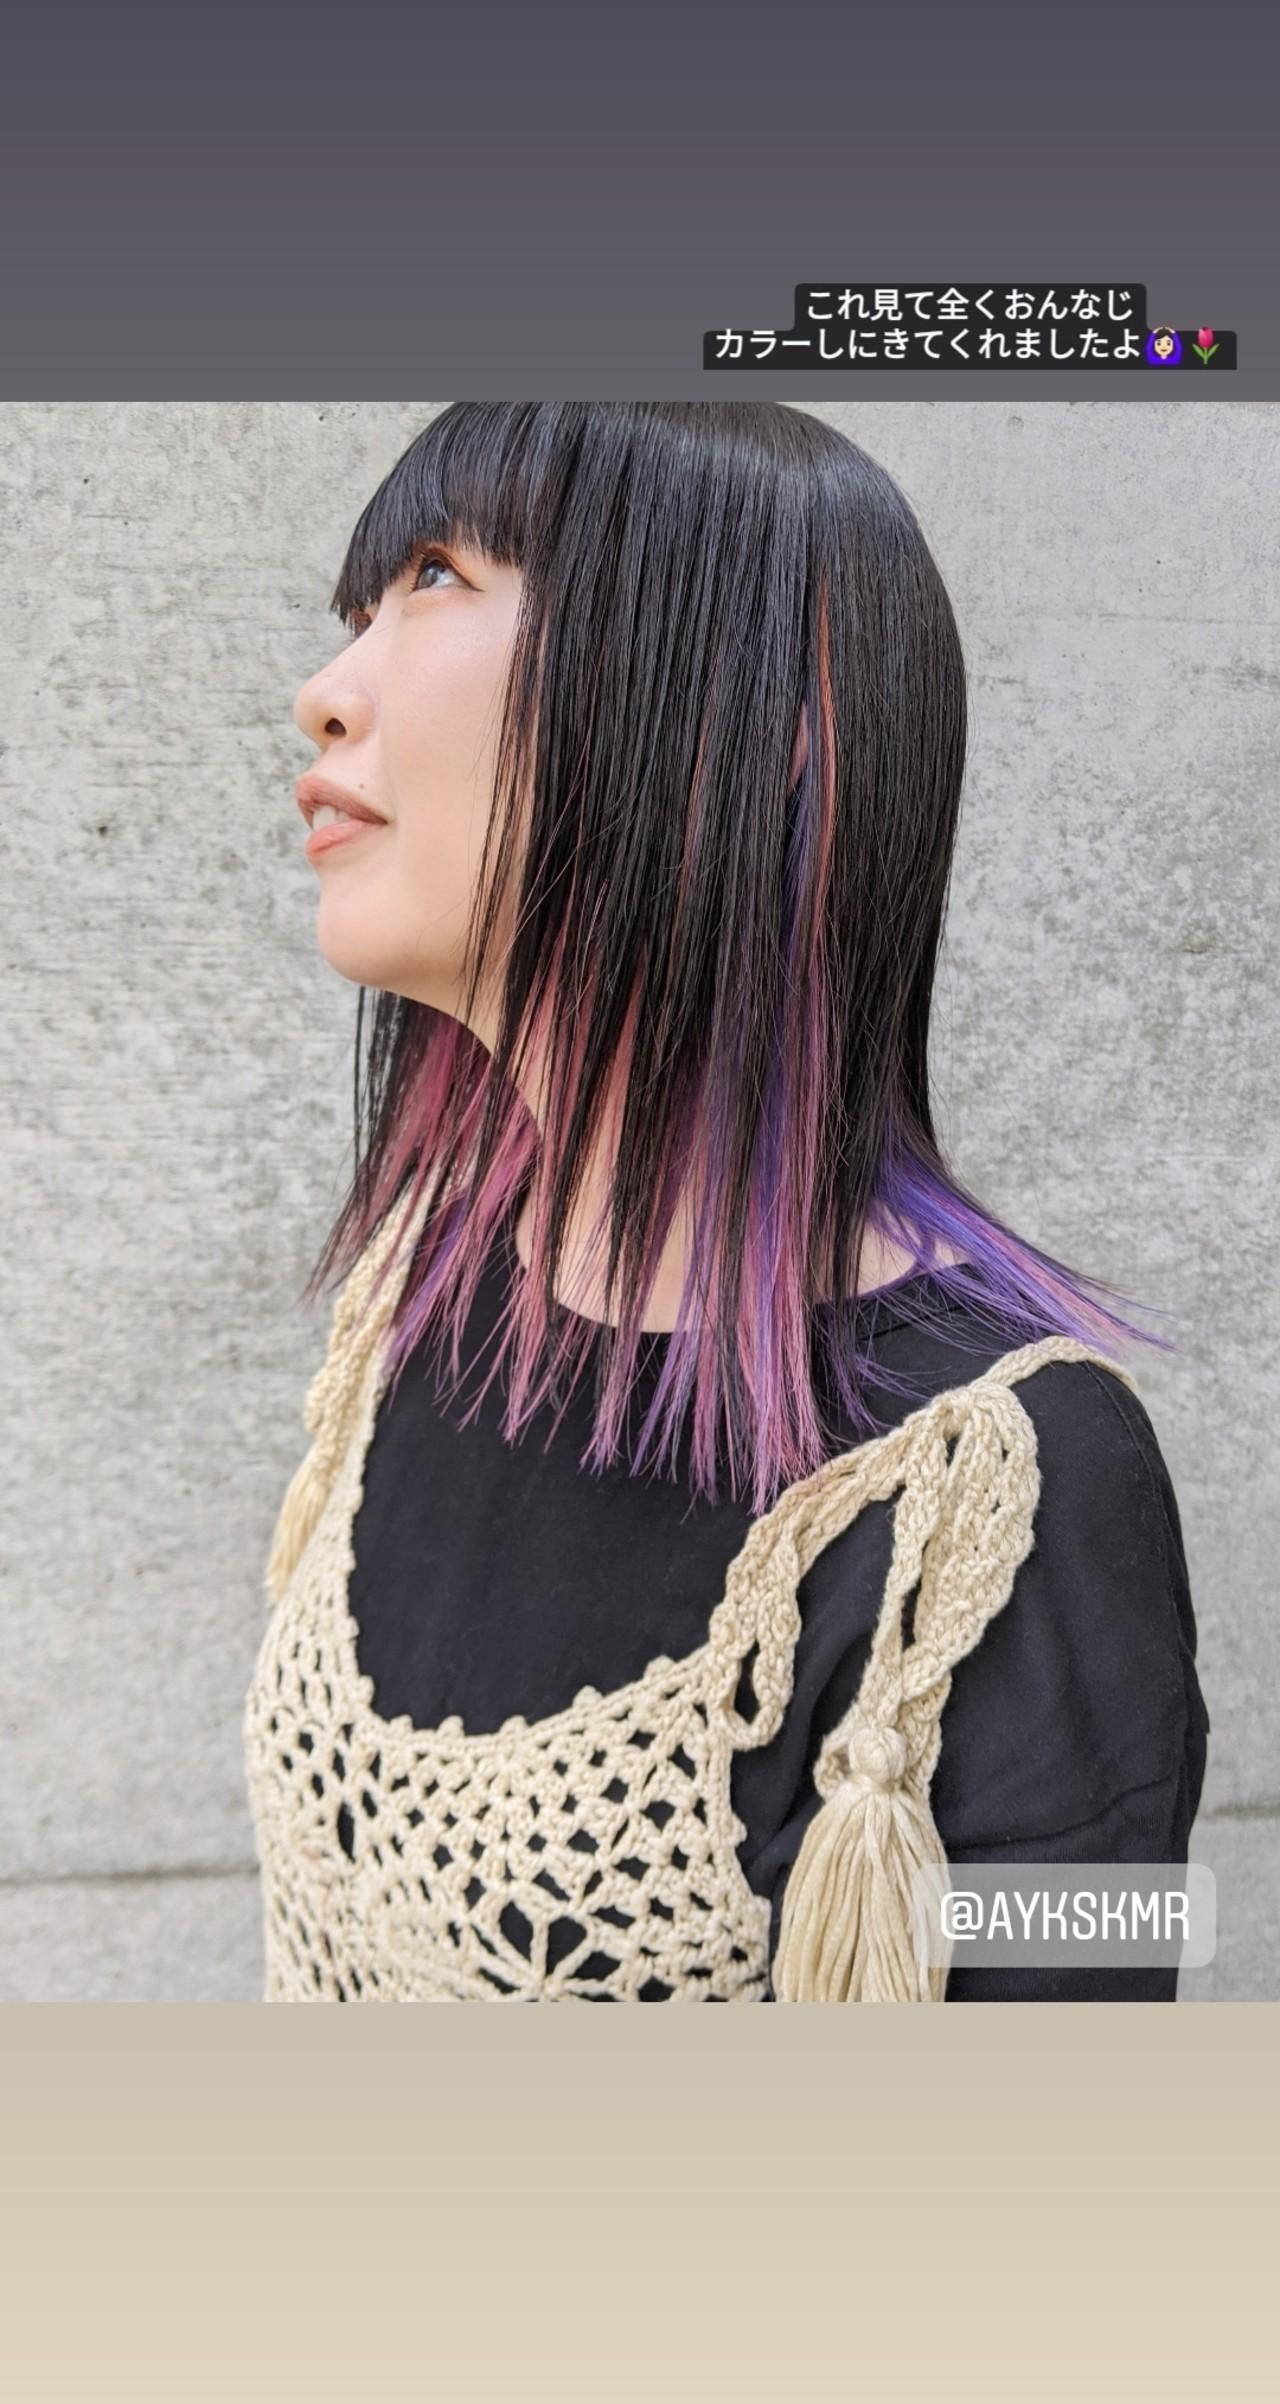 ミディアム インナーカラーパープル 切りっぱなし ナチュラルヘアスタイルや髪型の写真・画像